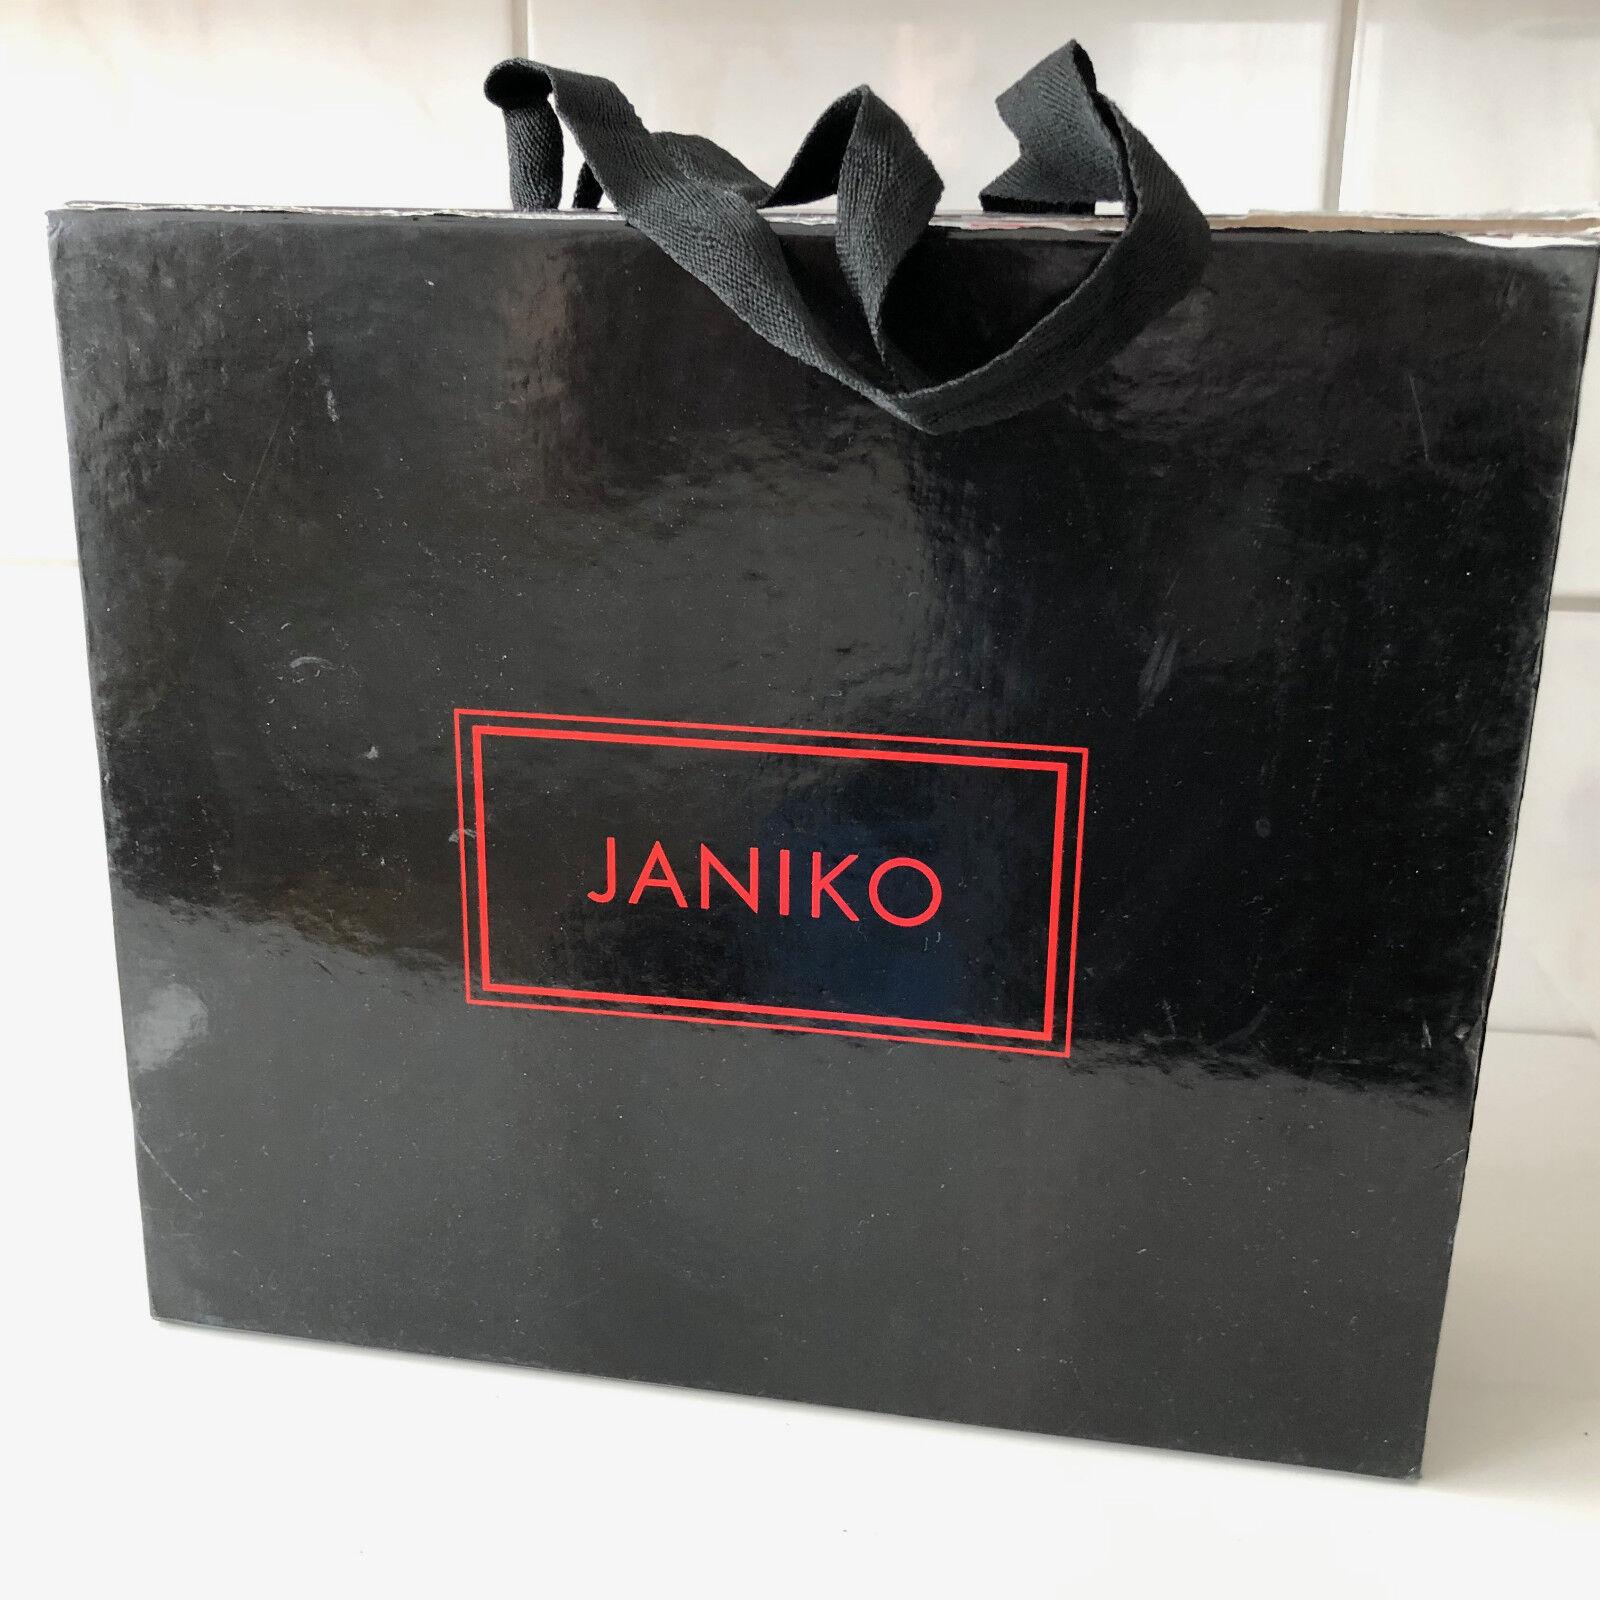 Janiko Damen Pumps  Marline Marline Marline  Gr. 38 Wildleder schwarz High Heels Strass 9f51e6